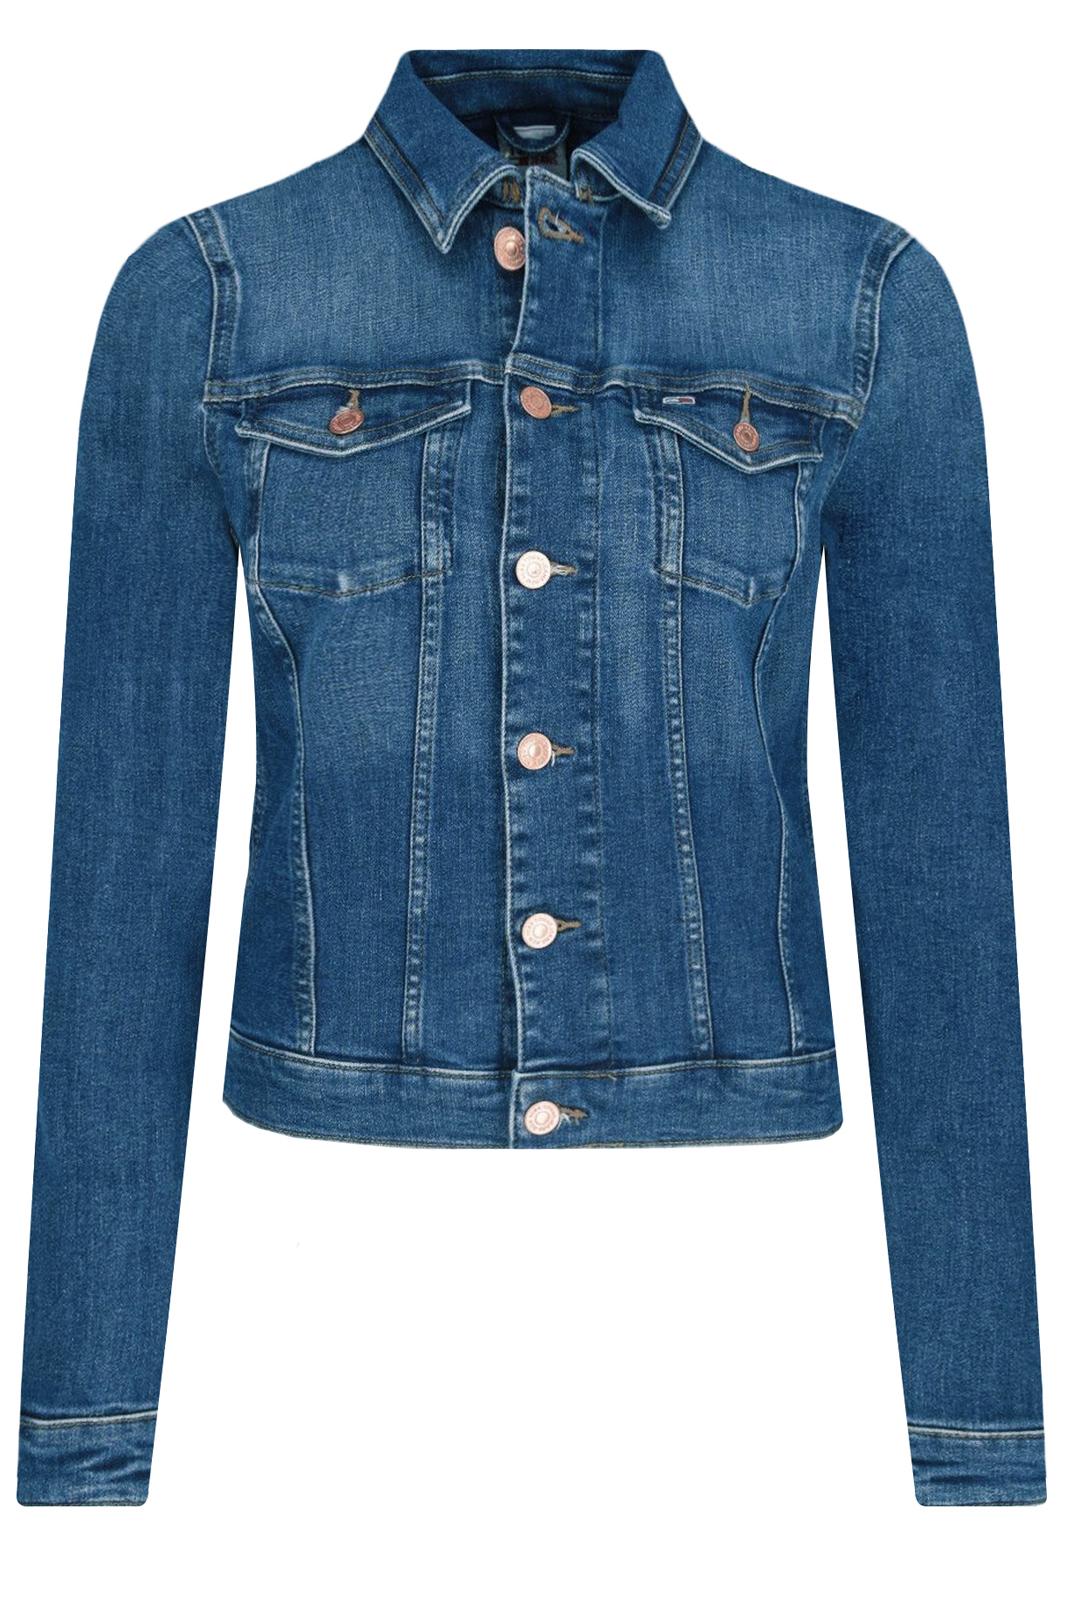 Blouson / doudoune  Tommy Jeans DW0DW09057 1BJ bleu